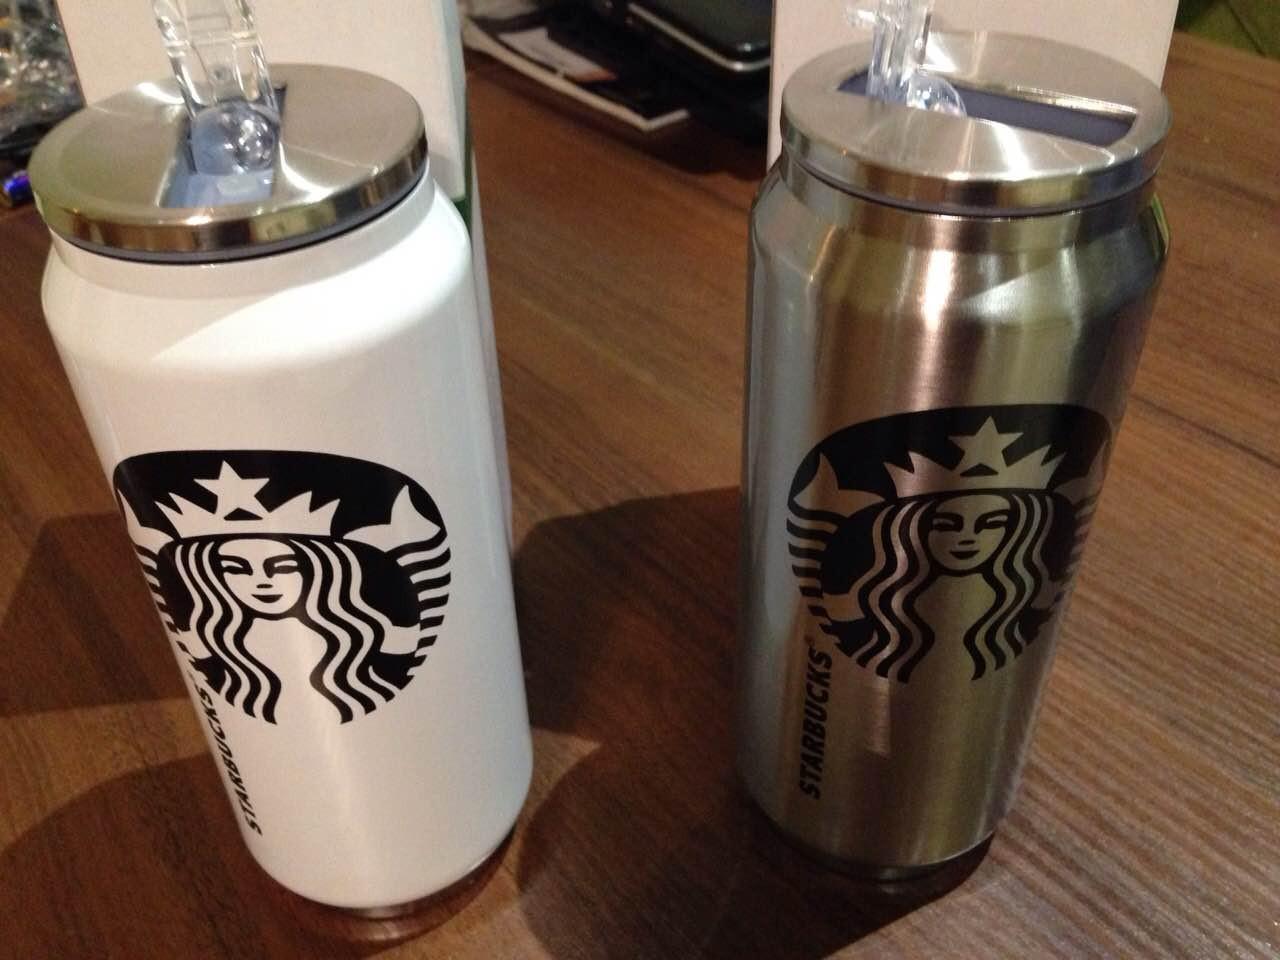 Термос бутылка Нержавеющая сталь Starbucks  H-184   500 мл   Акция !!! - КОЛОНИАЛЬНЫЕ ТОВАРЫ в Киеве